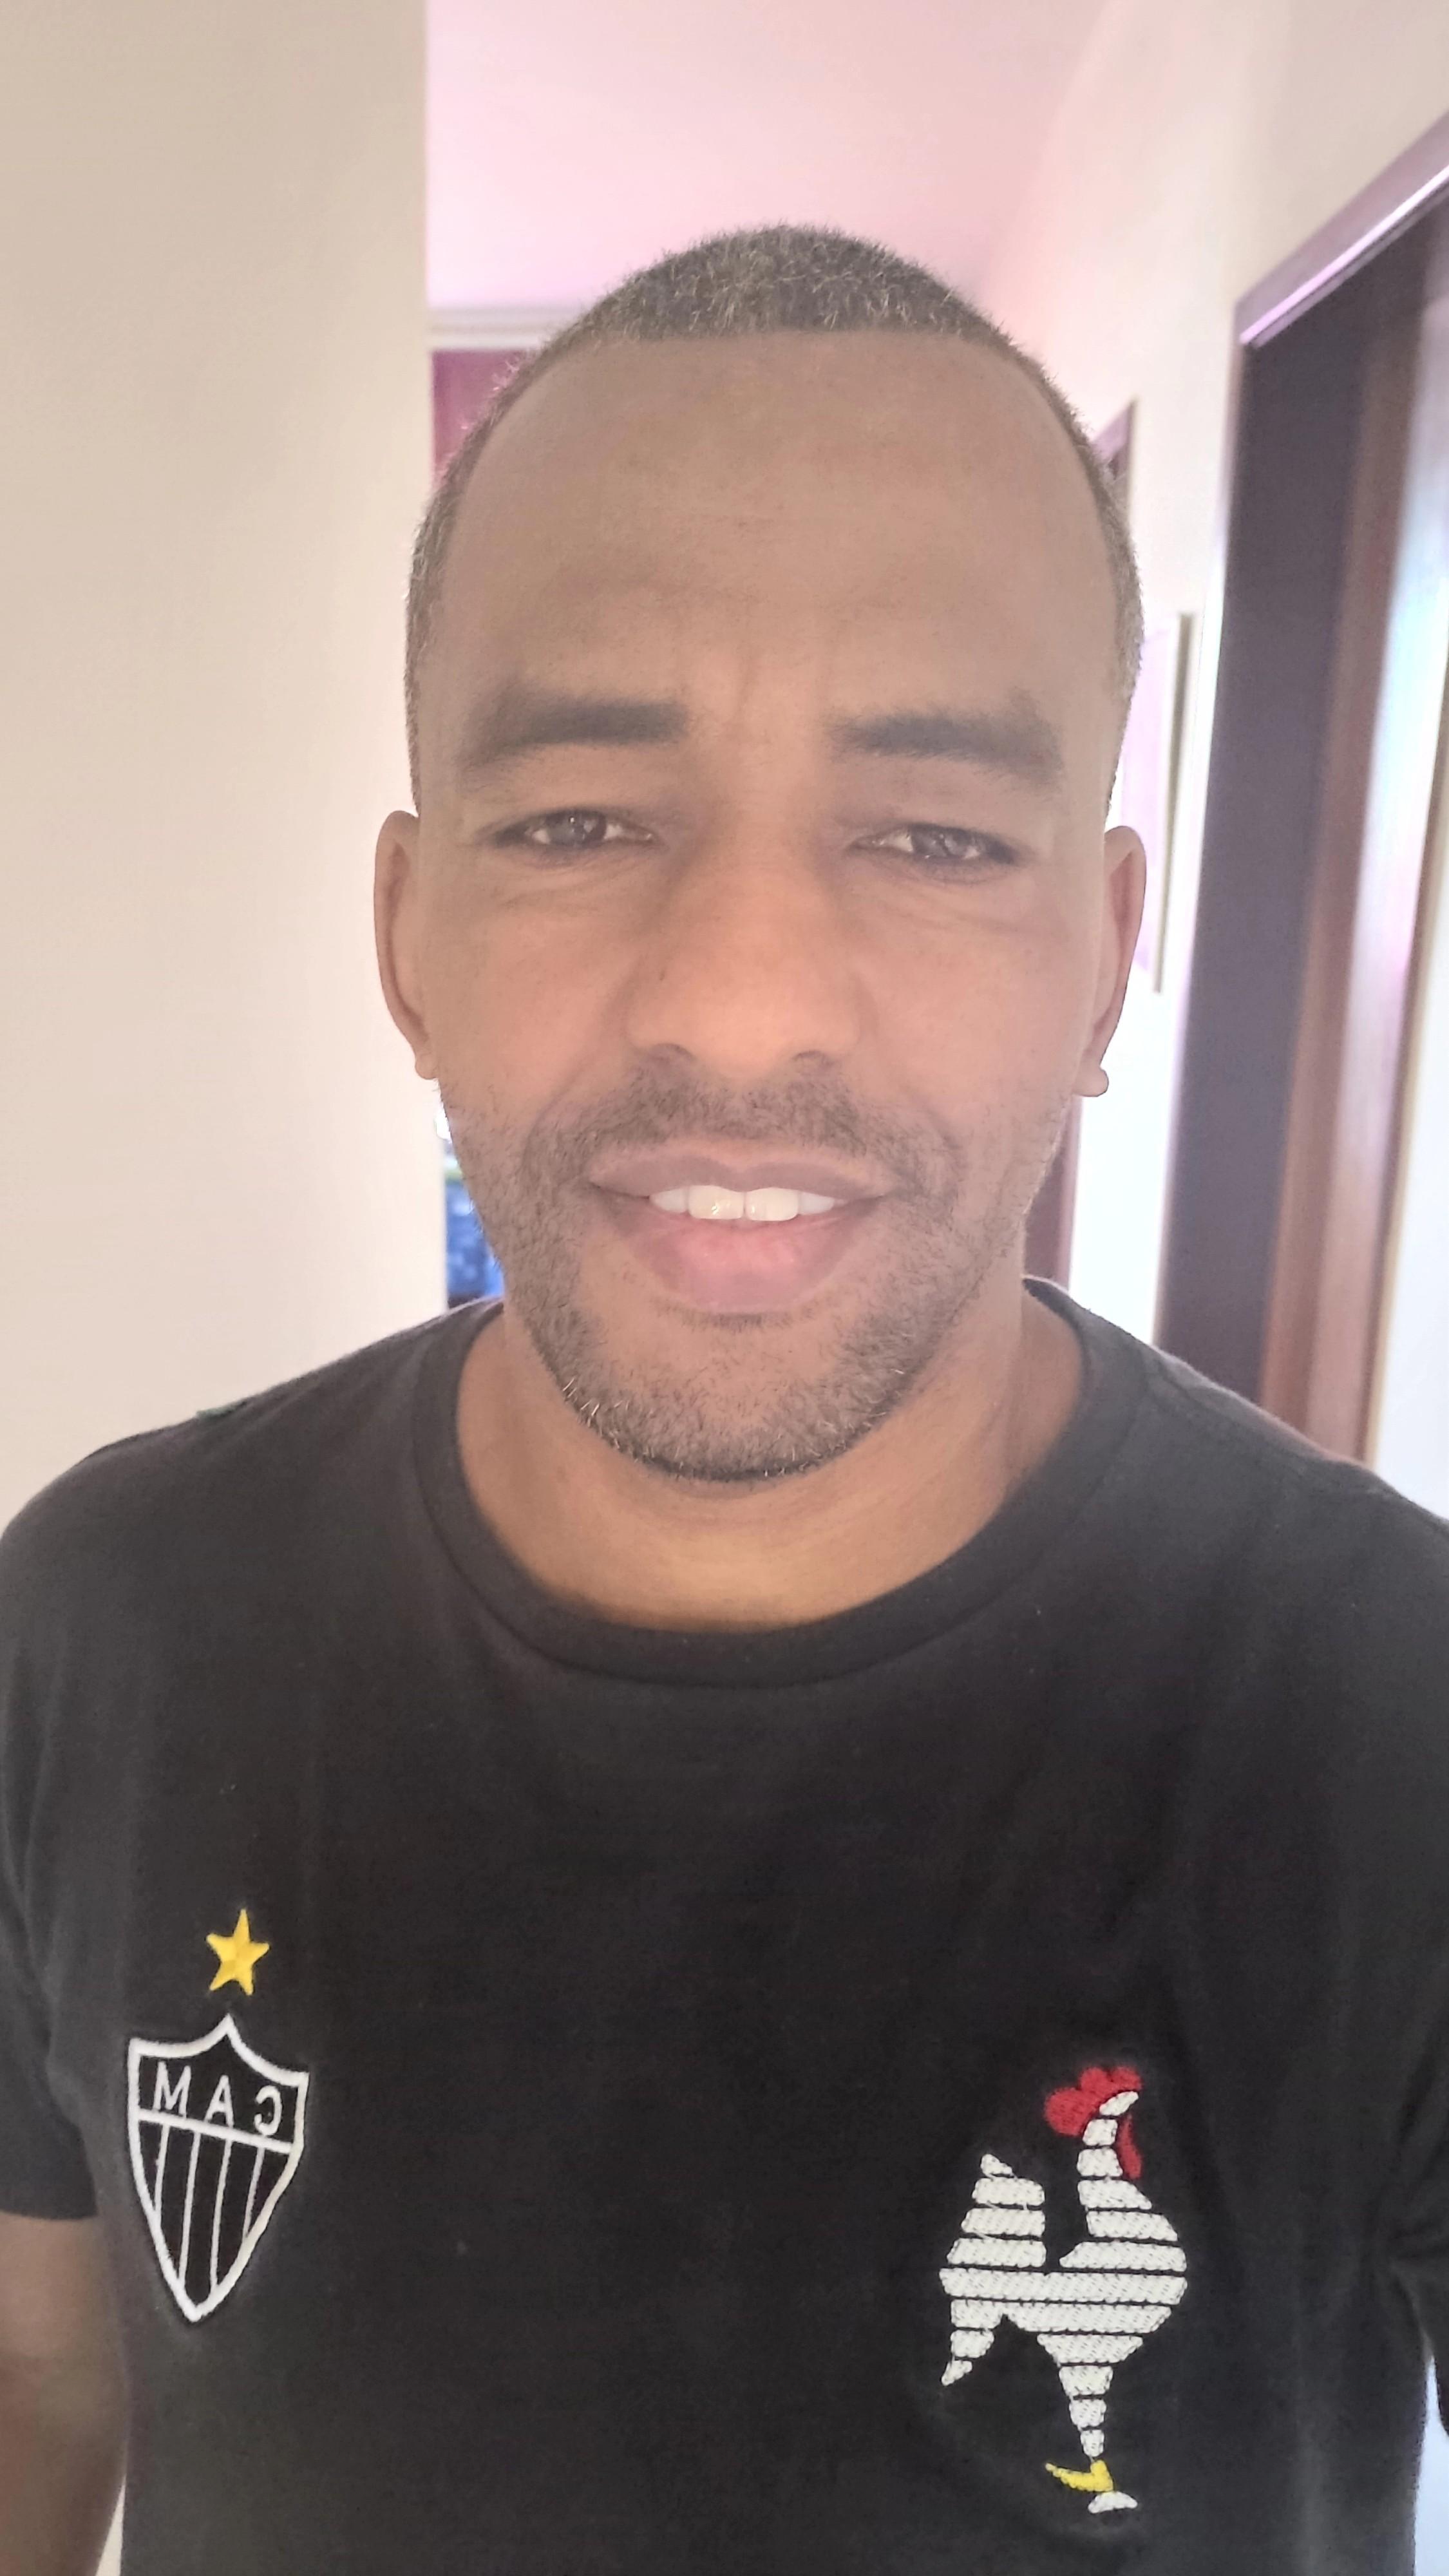 Vagner Pereira